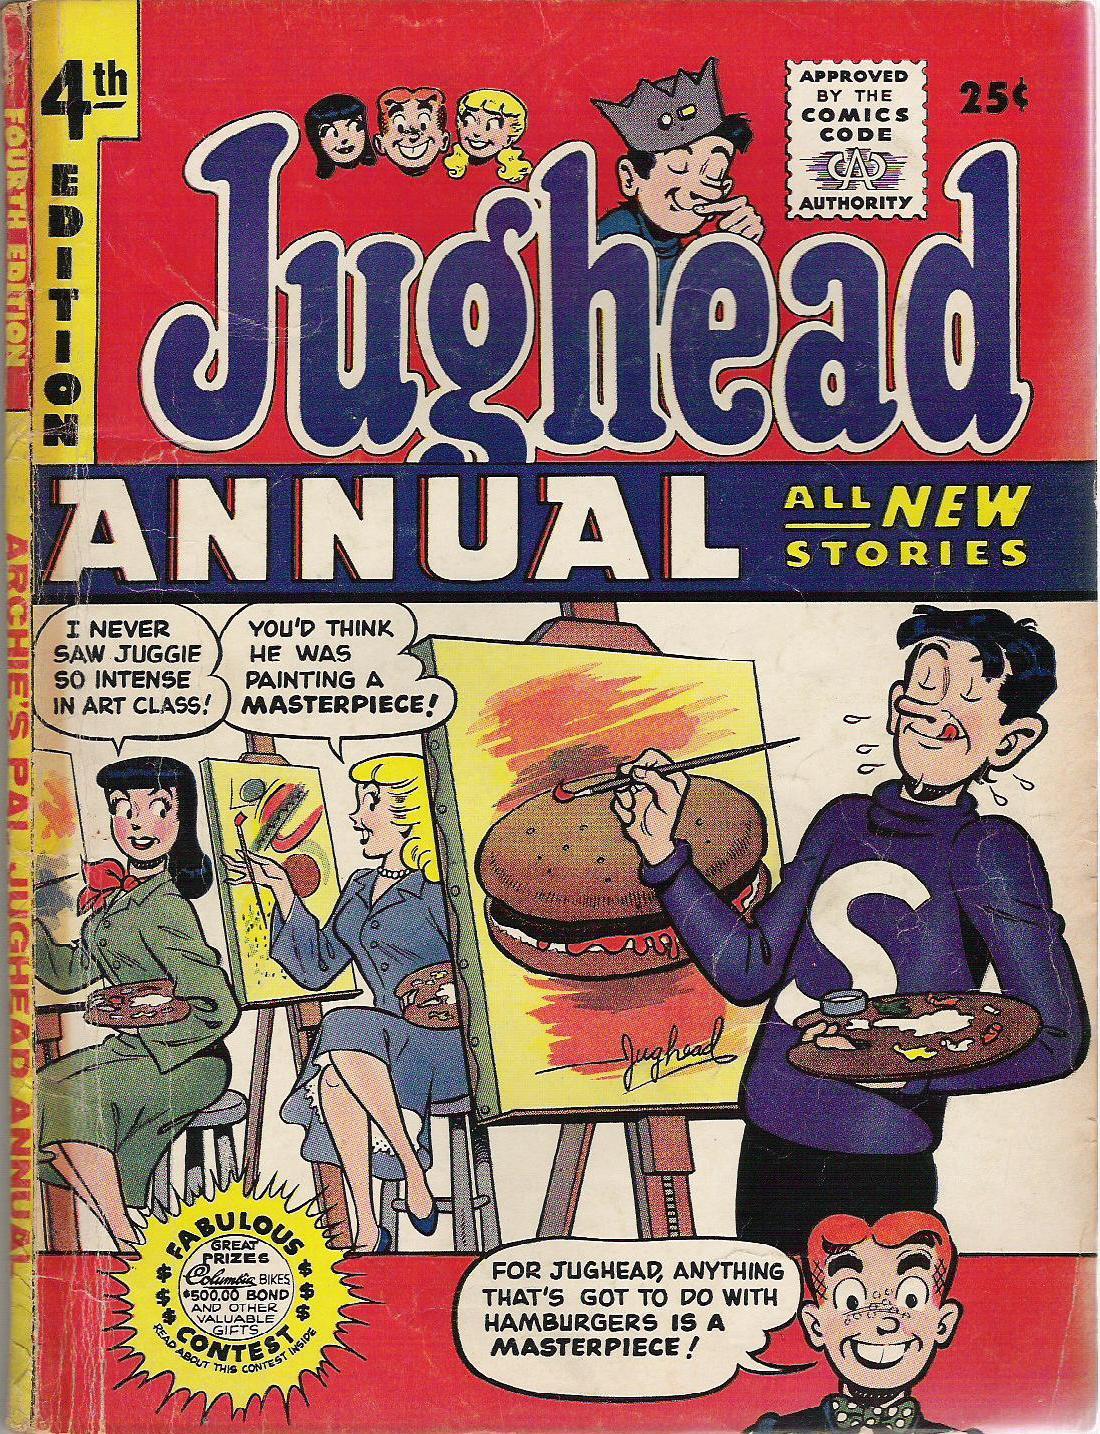 Jughead Annual #4